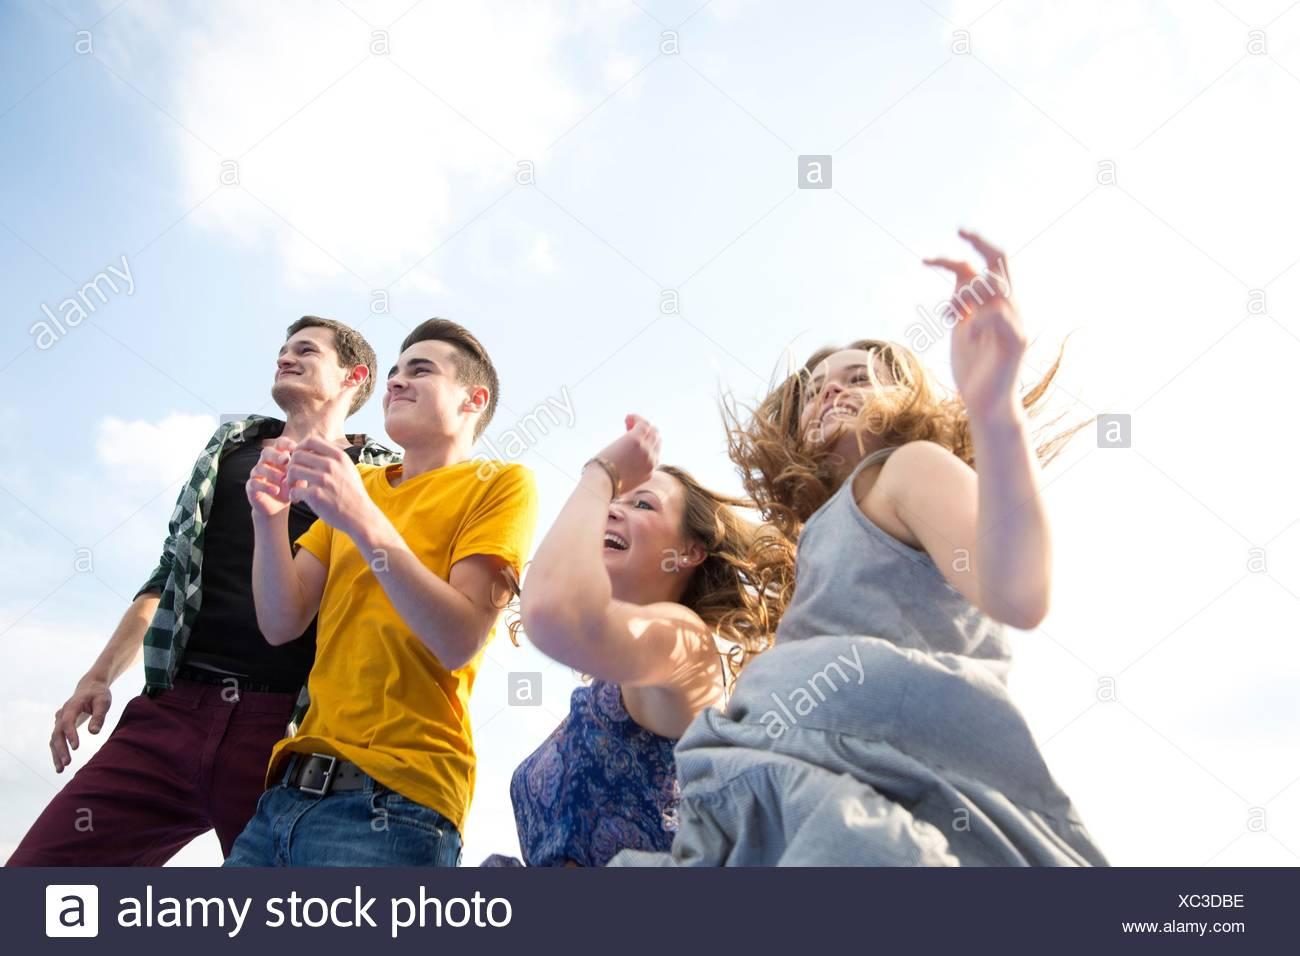 Grupo de jóvenes adultos, correr al aire libre, vista de ángulo bajo Imagen De Stock